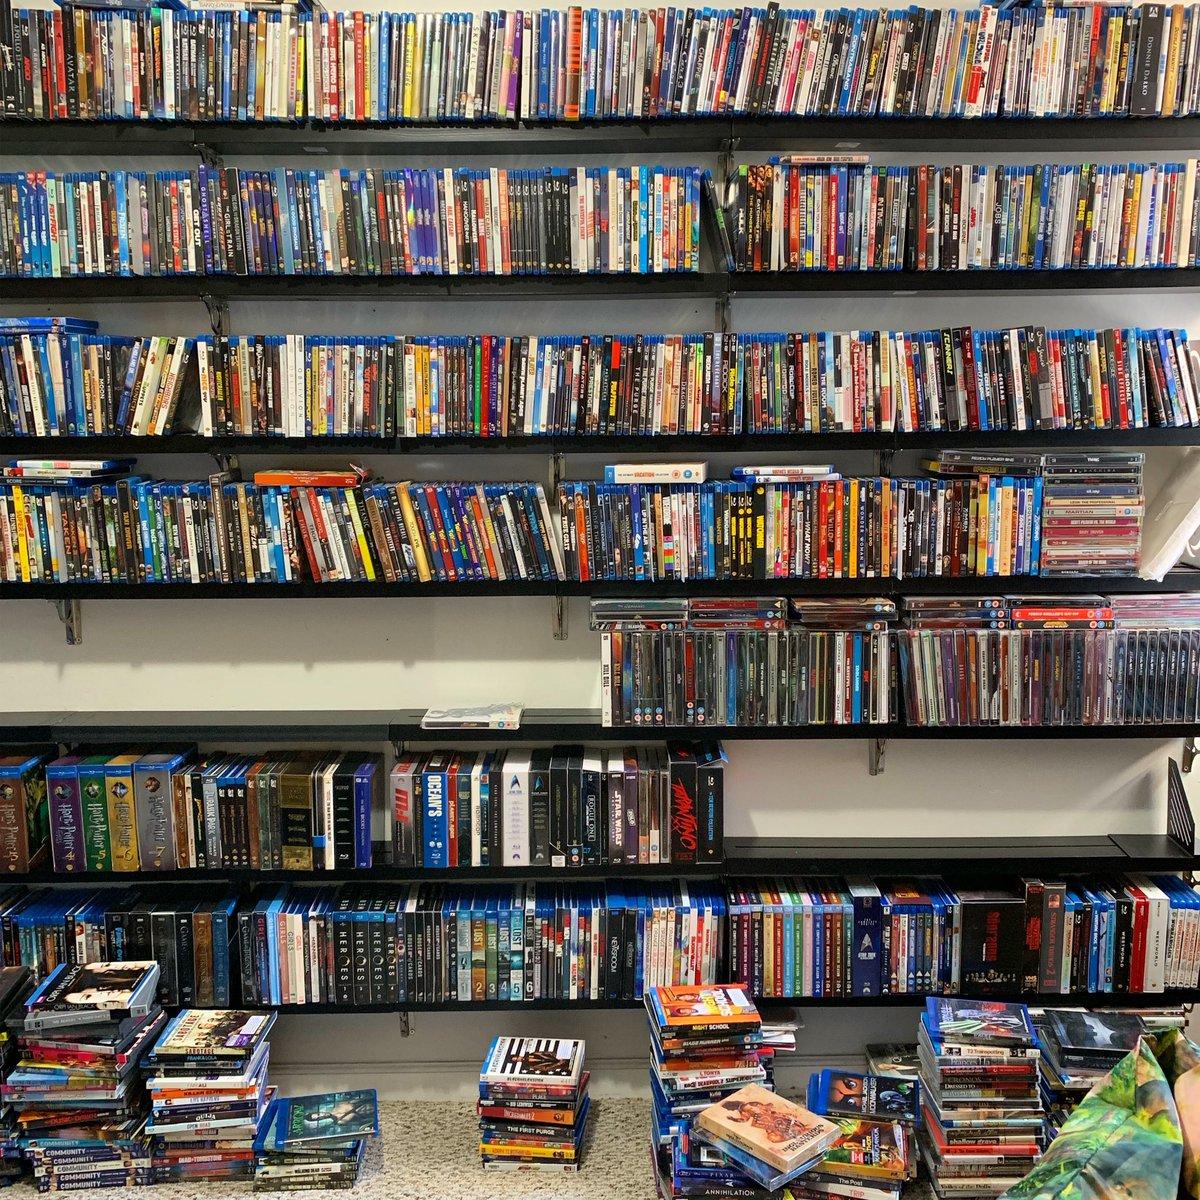 Reorganizing.